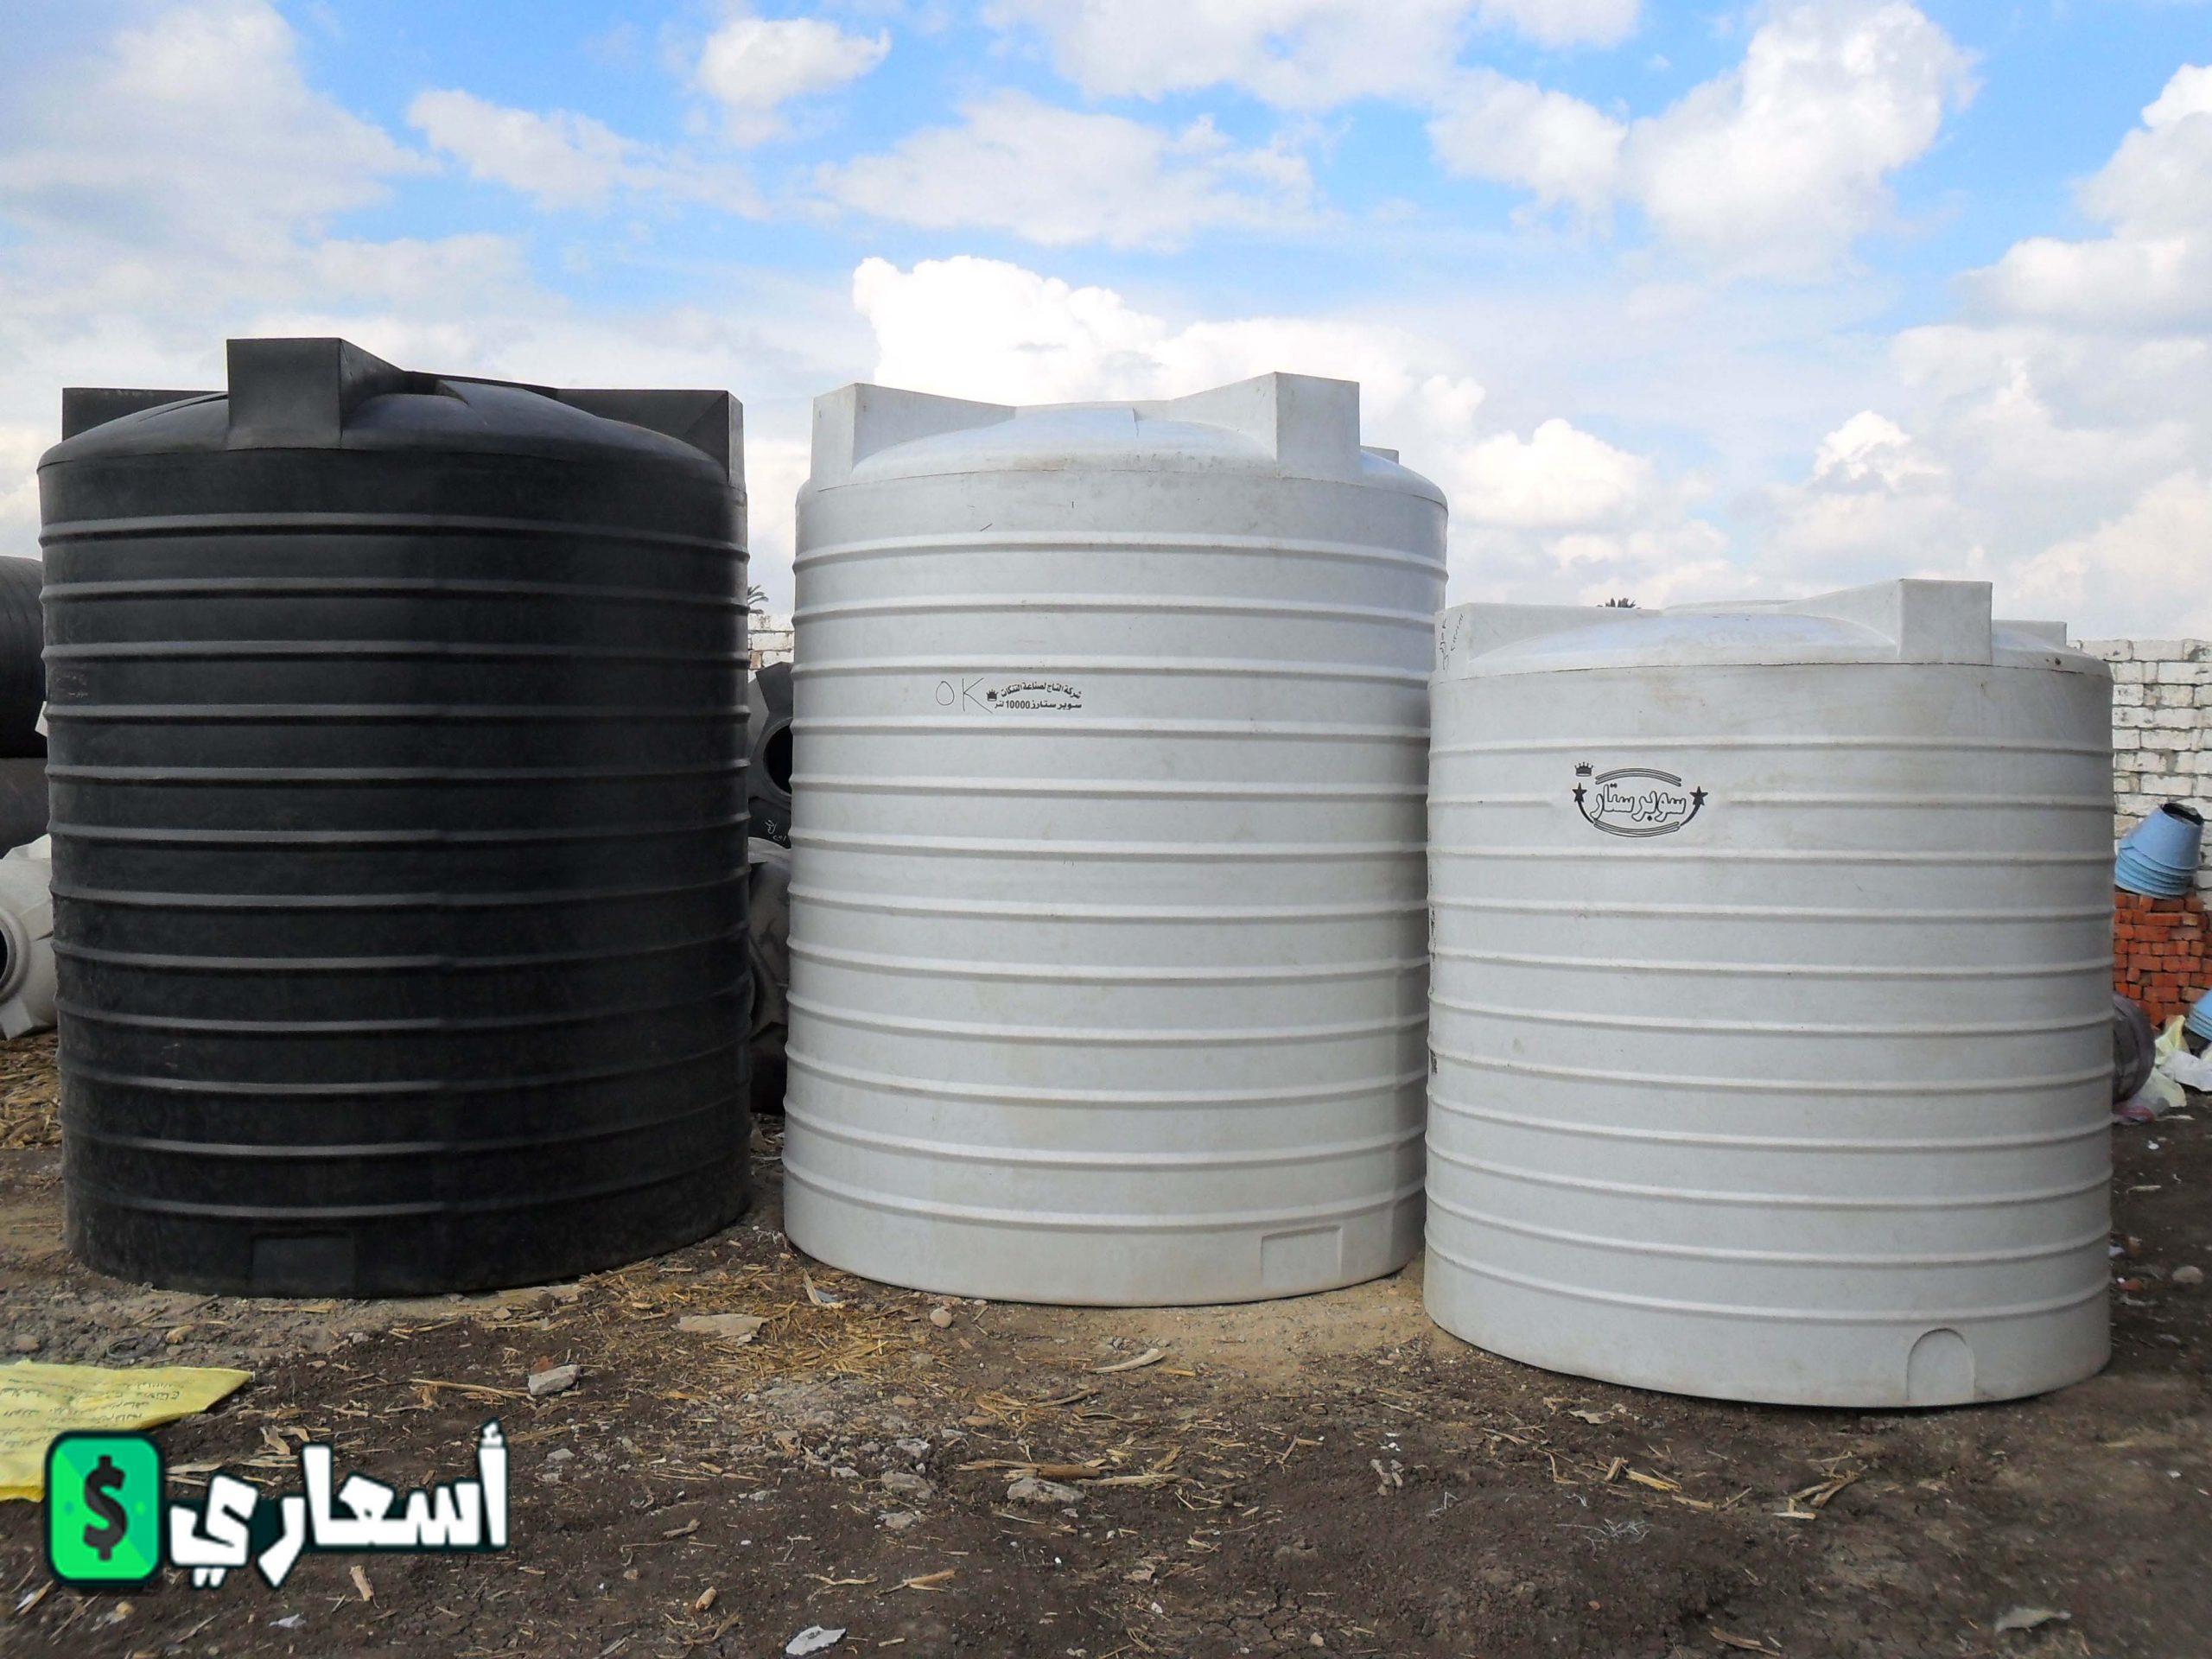 اسعار خزانات المياه فى مصر 2020